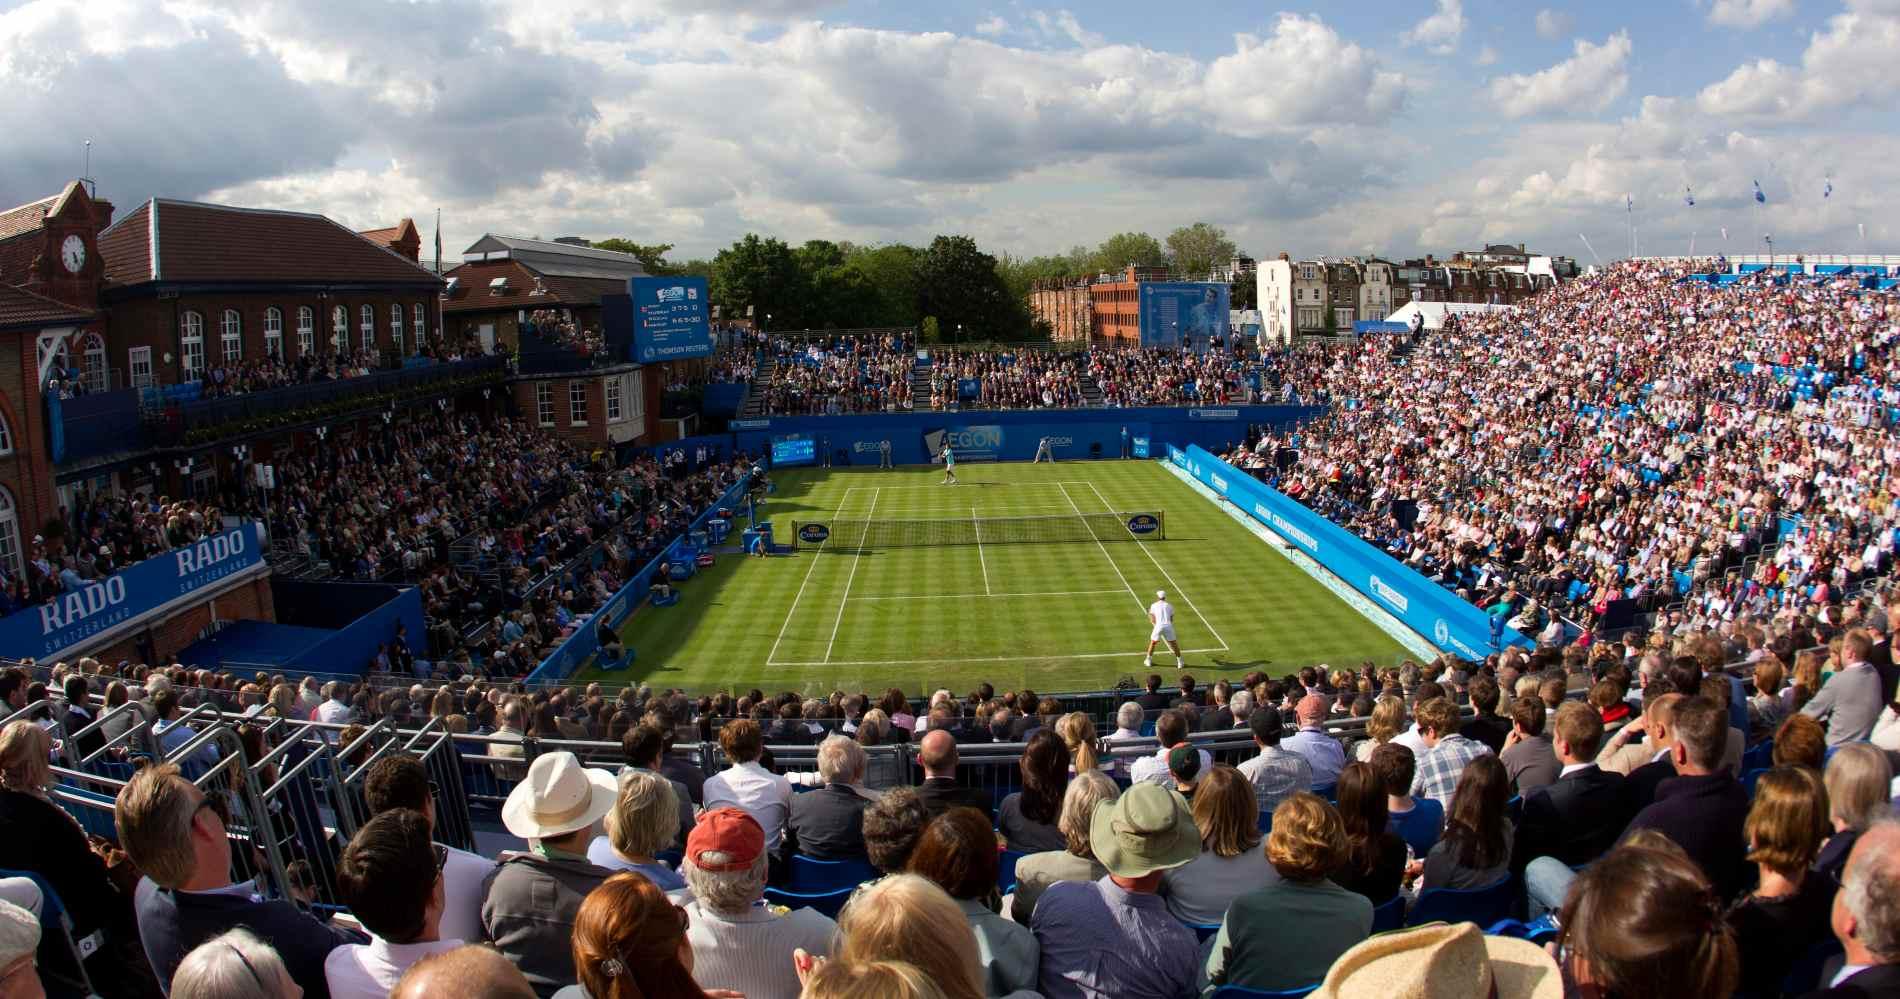 Queen's Tennis